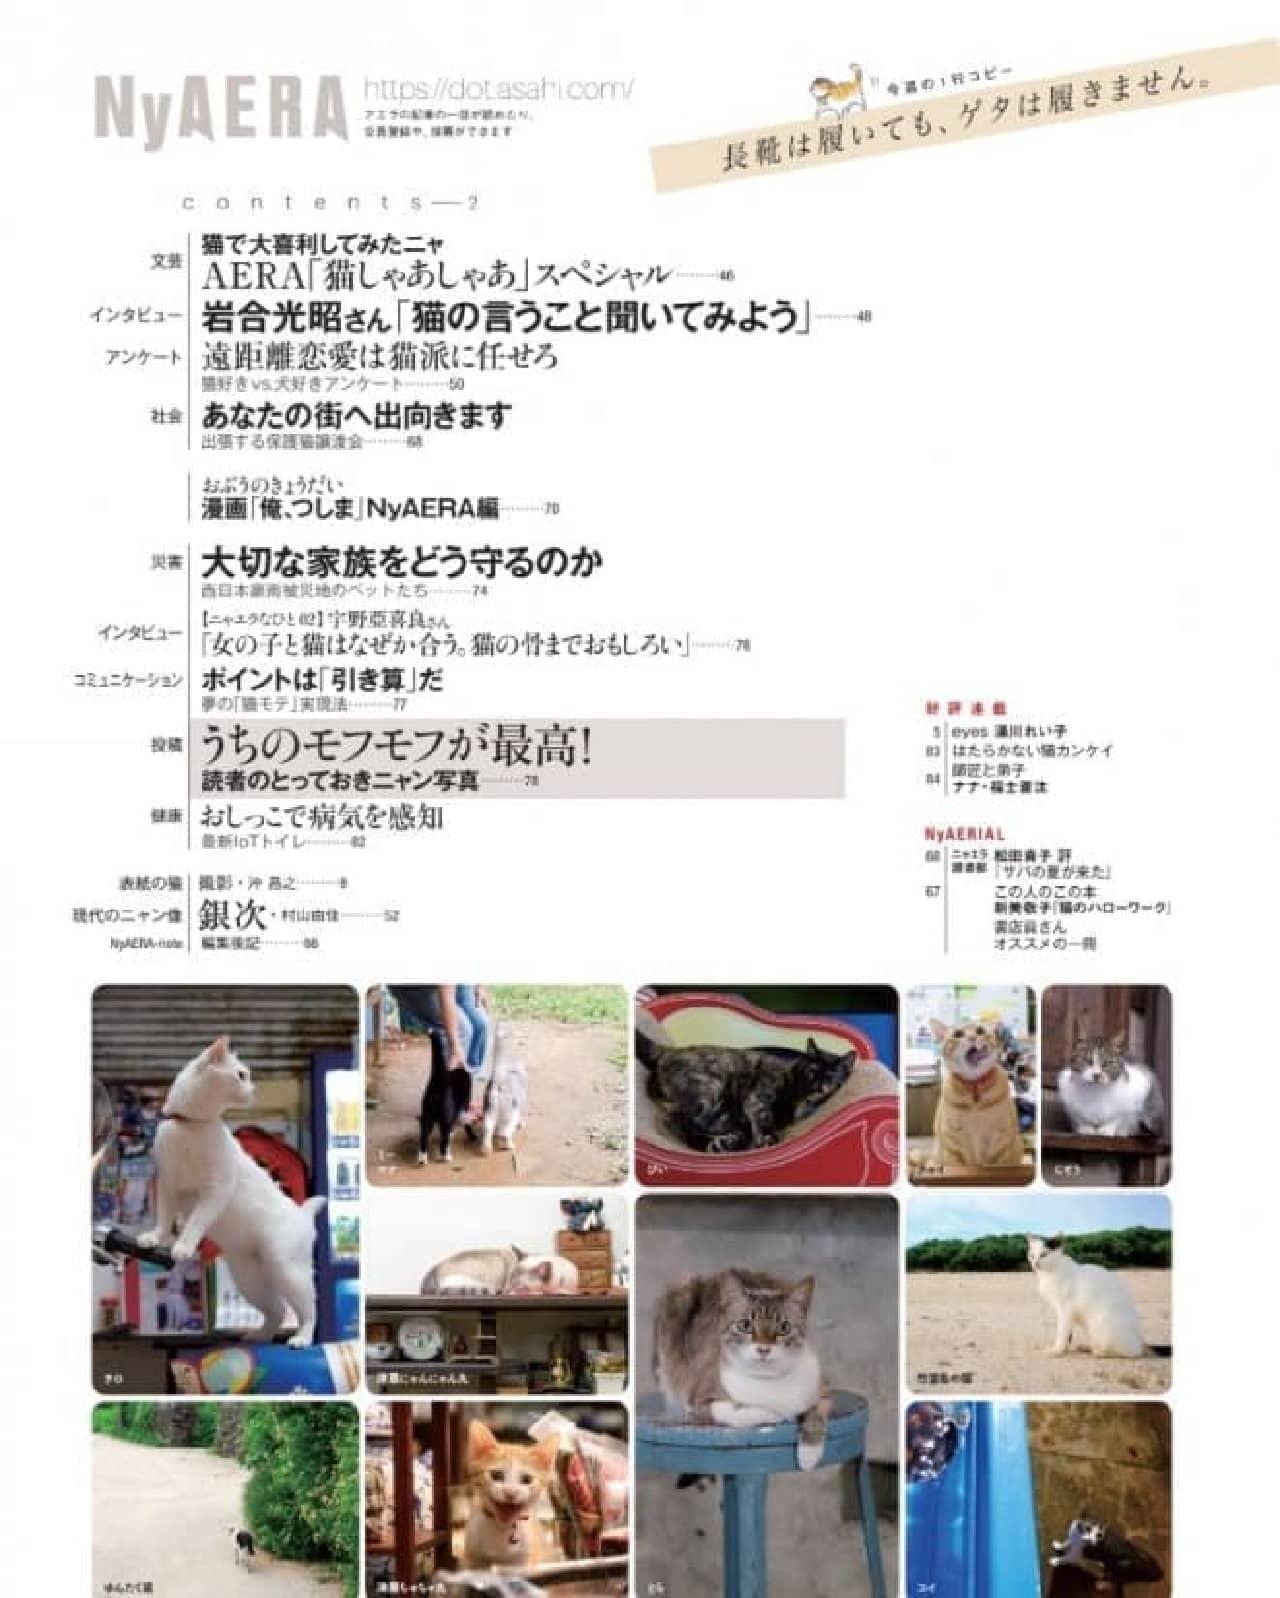 夏も「AERA」がネコまみれ…「NyAERA (ニャエラ) みっけ」の表紙は、沖昌之さん撮影のトルコのネコ